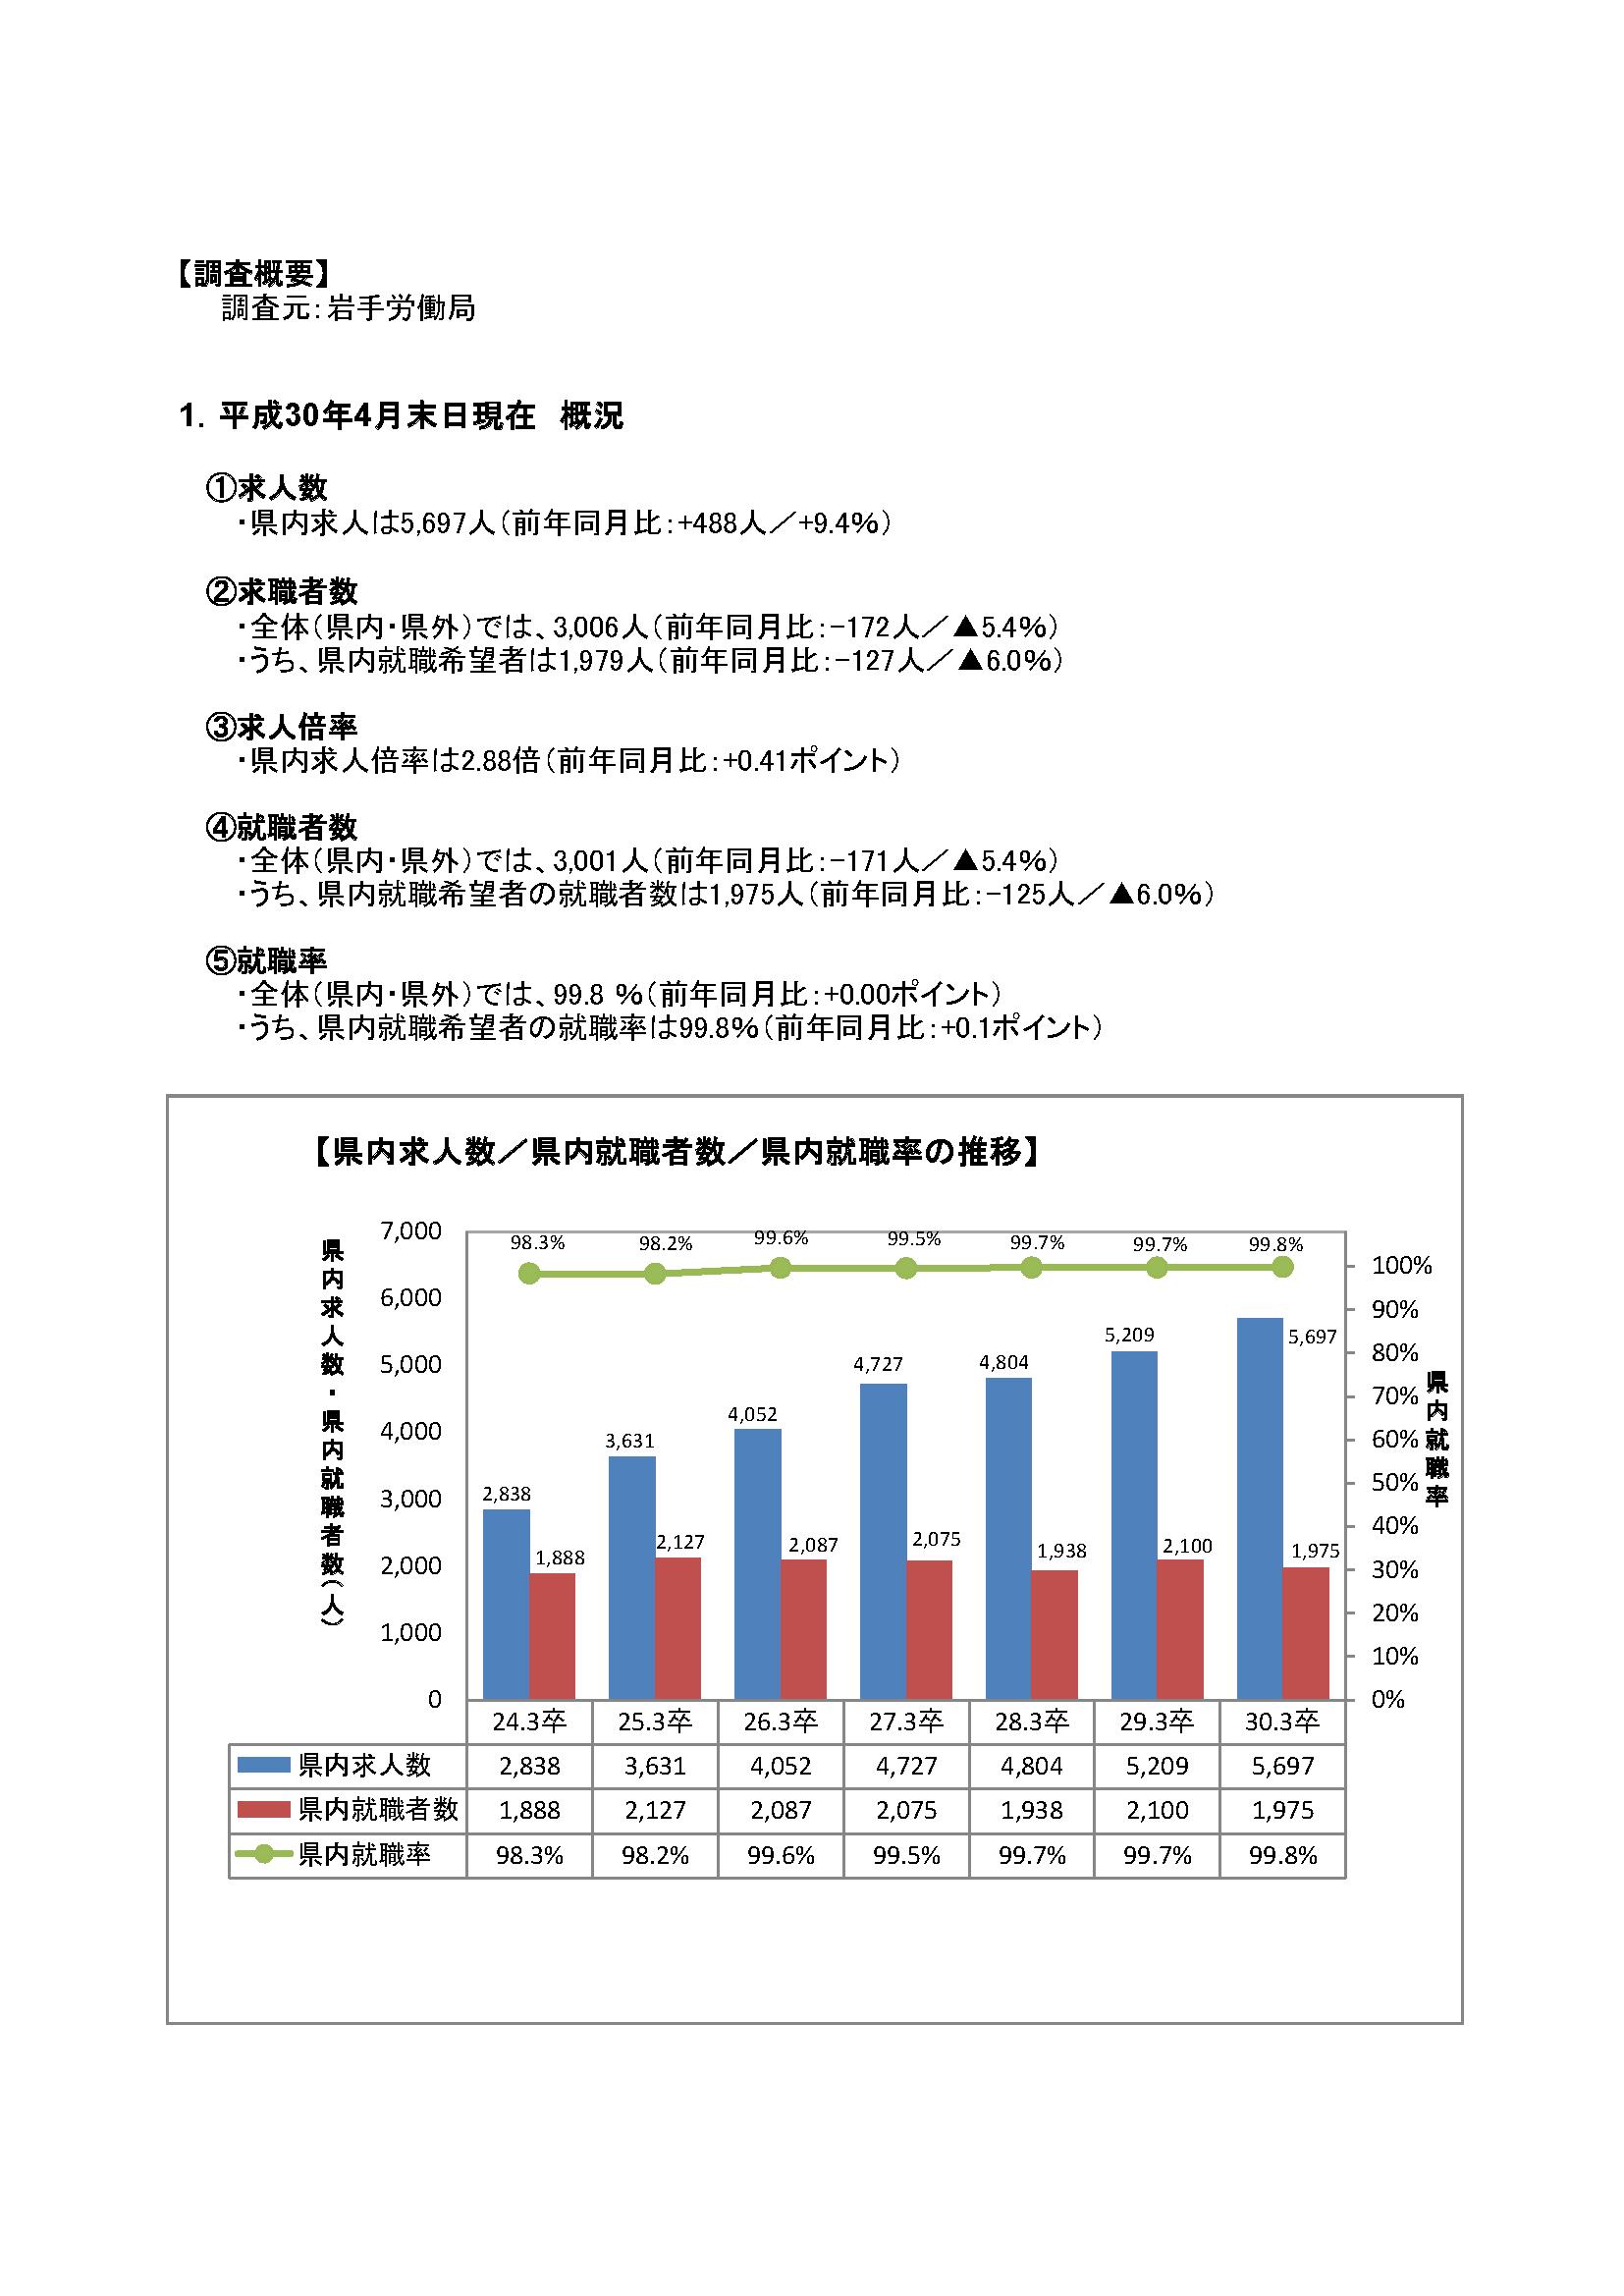 H30.3月高卒者職業紹介状況資料(201804月末現在)